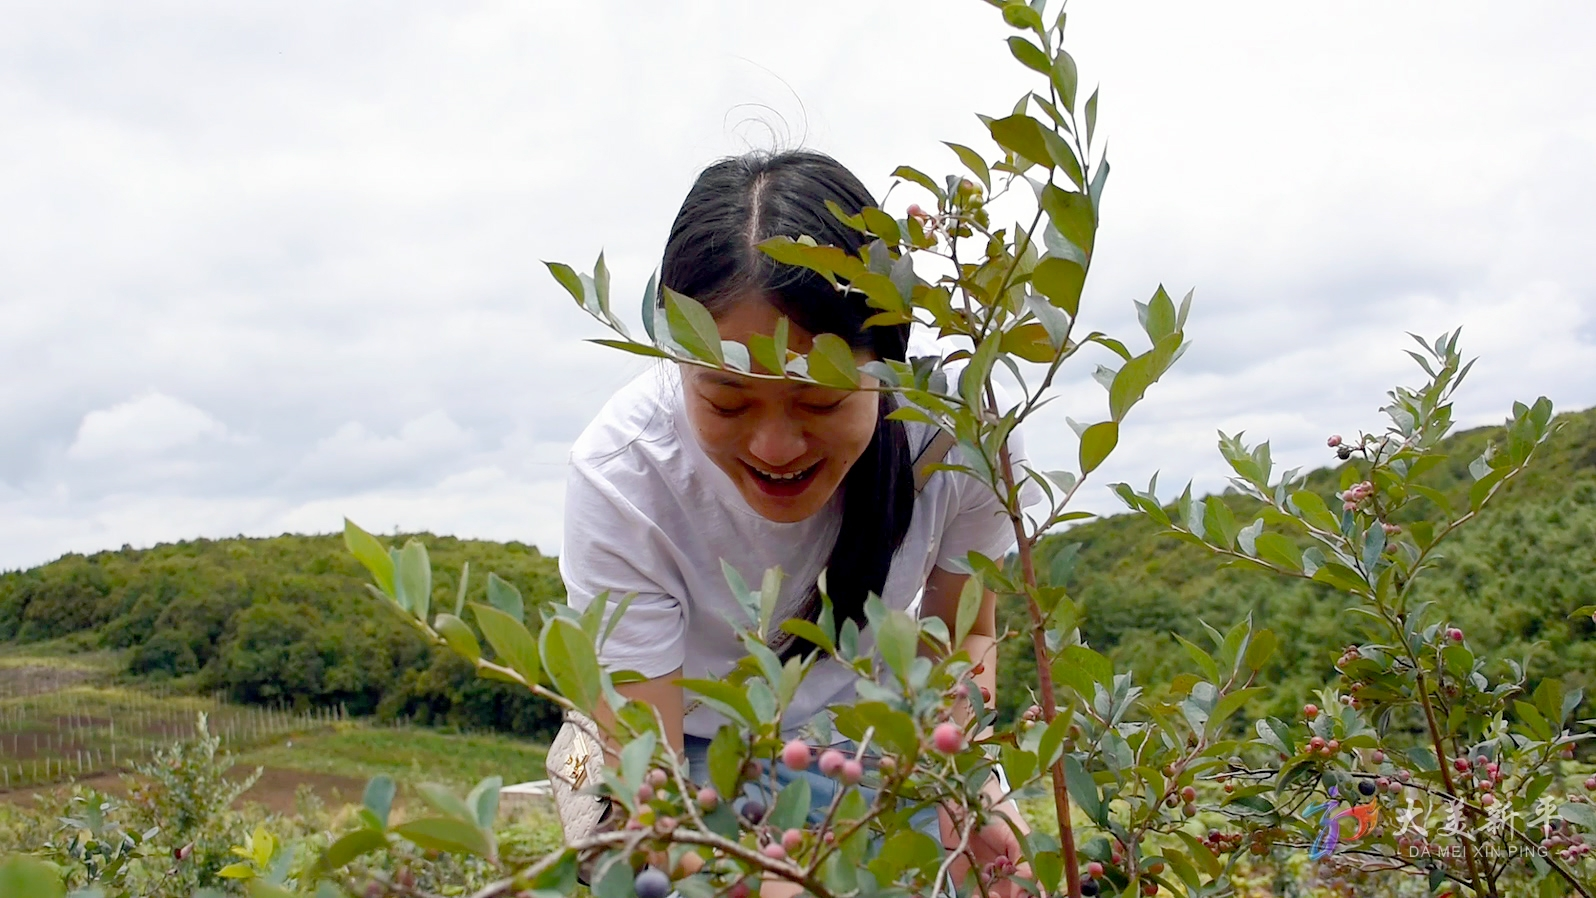 建兴:高山蓝莓试种成功 采摘游敲开致富门(李晓丽、刀雪锋) (7).jpg